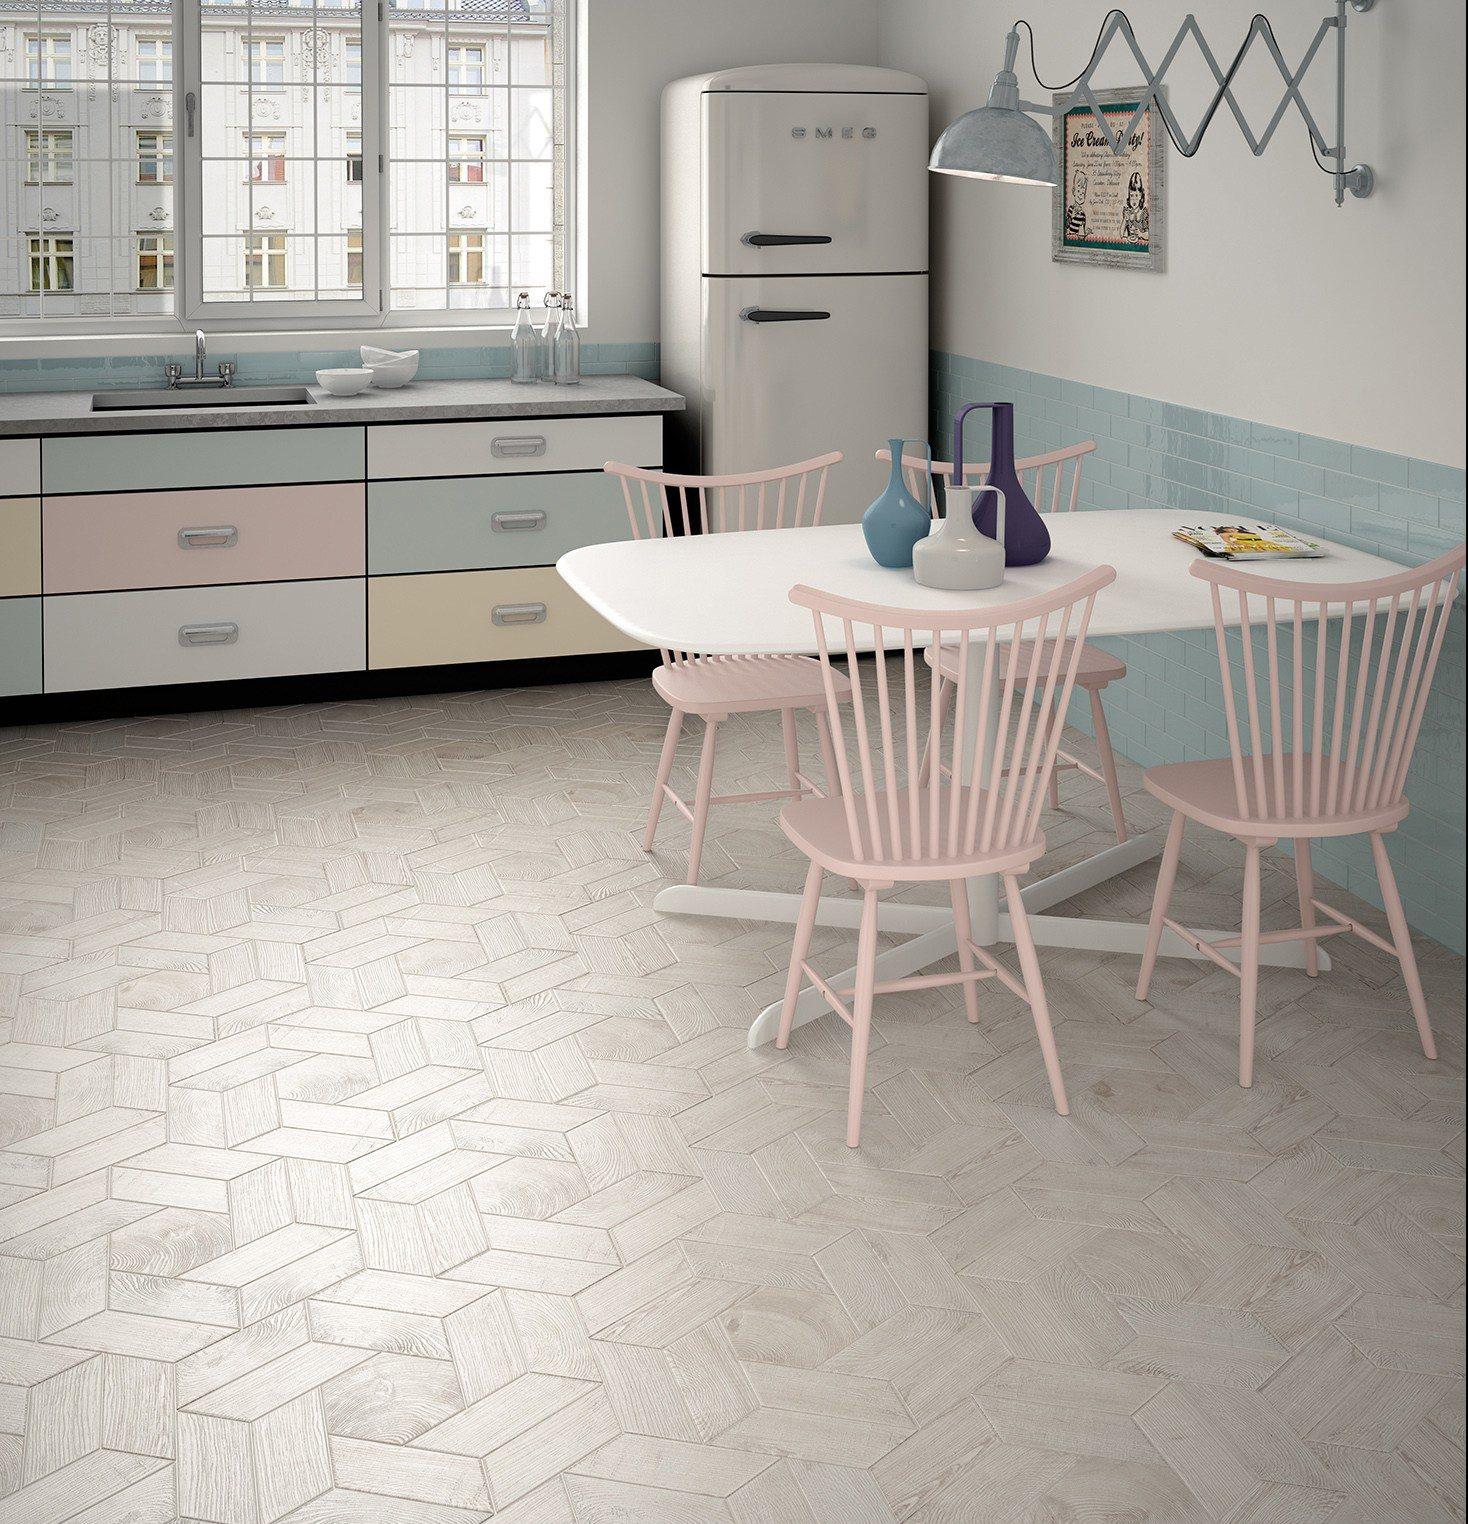 Hexawood-Equip-Ceramicas